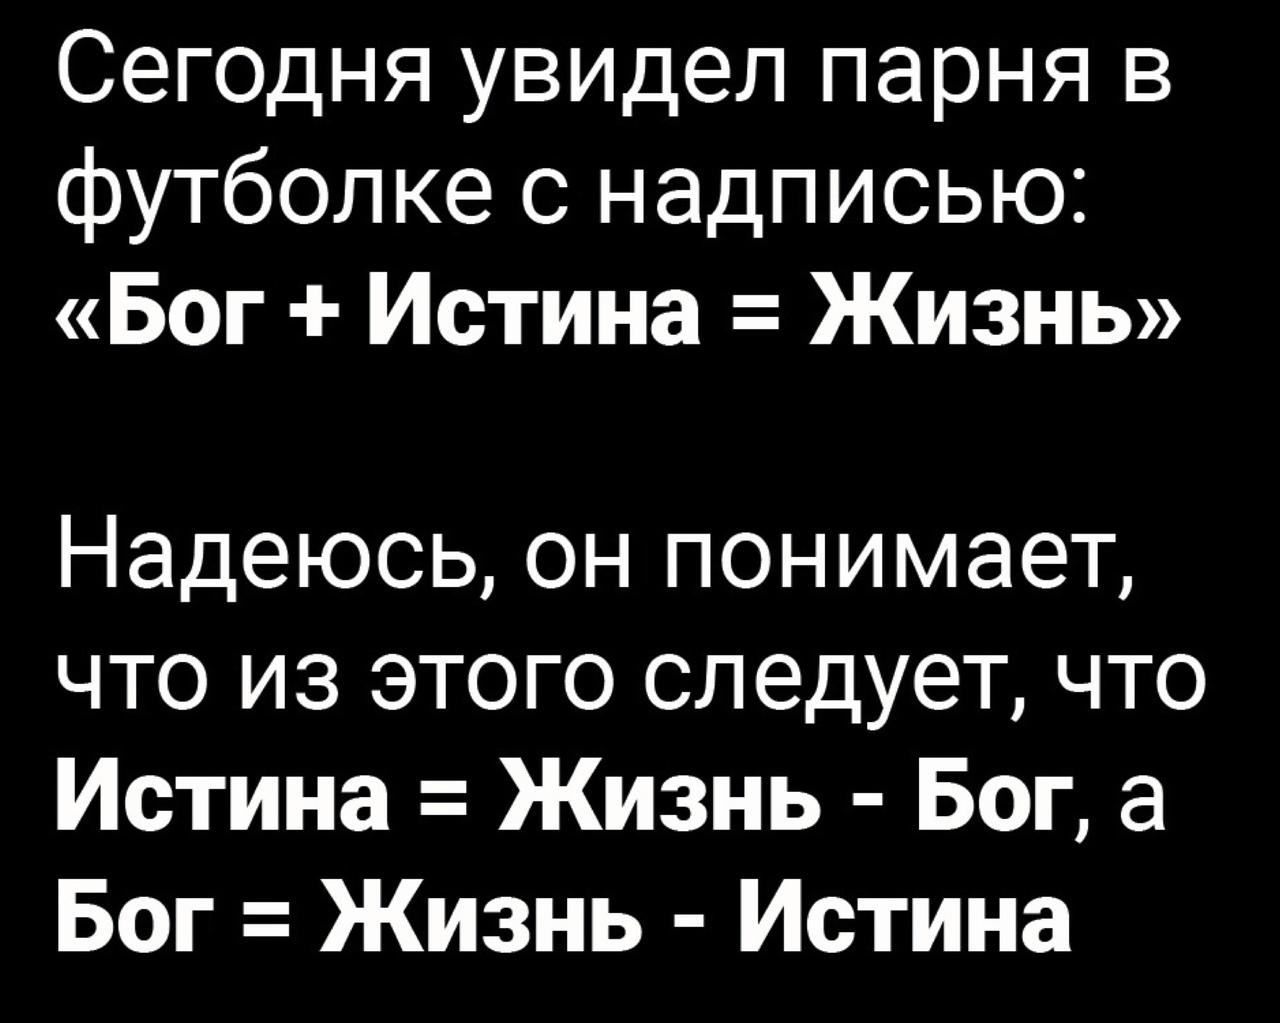 https://pp.userapi.com/c849132/v849132201/9cb5e/bq1N5HwgZwE.jpg